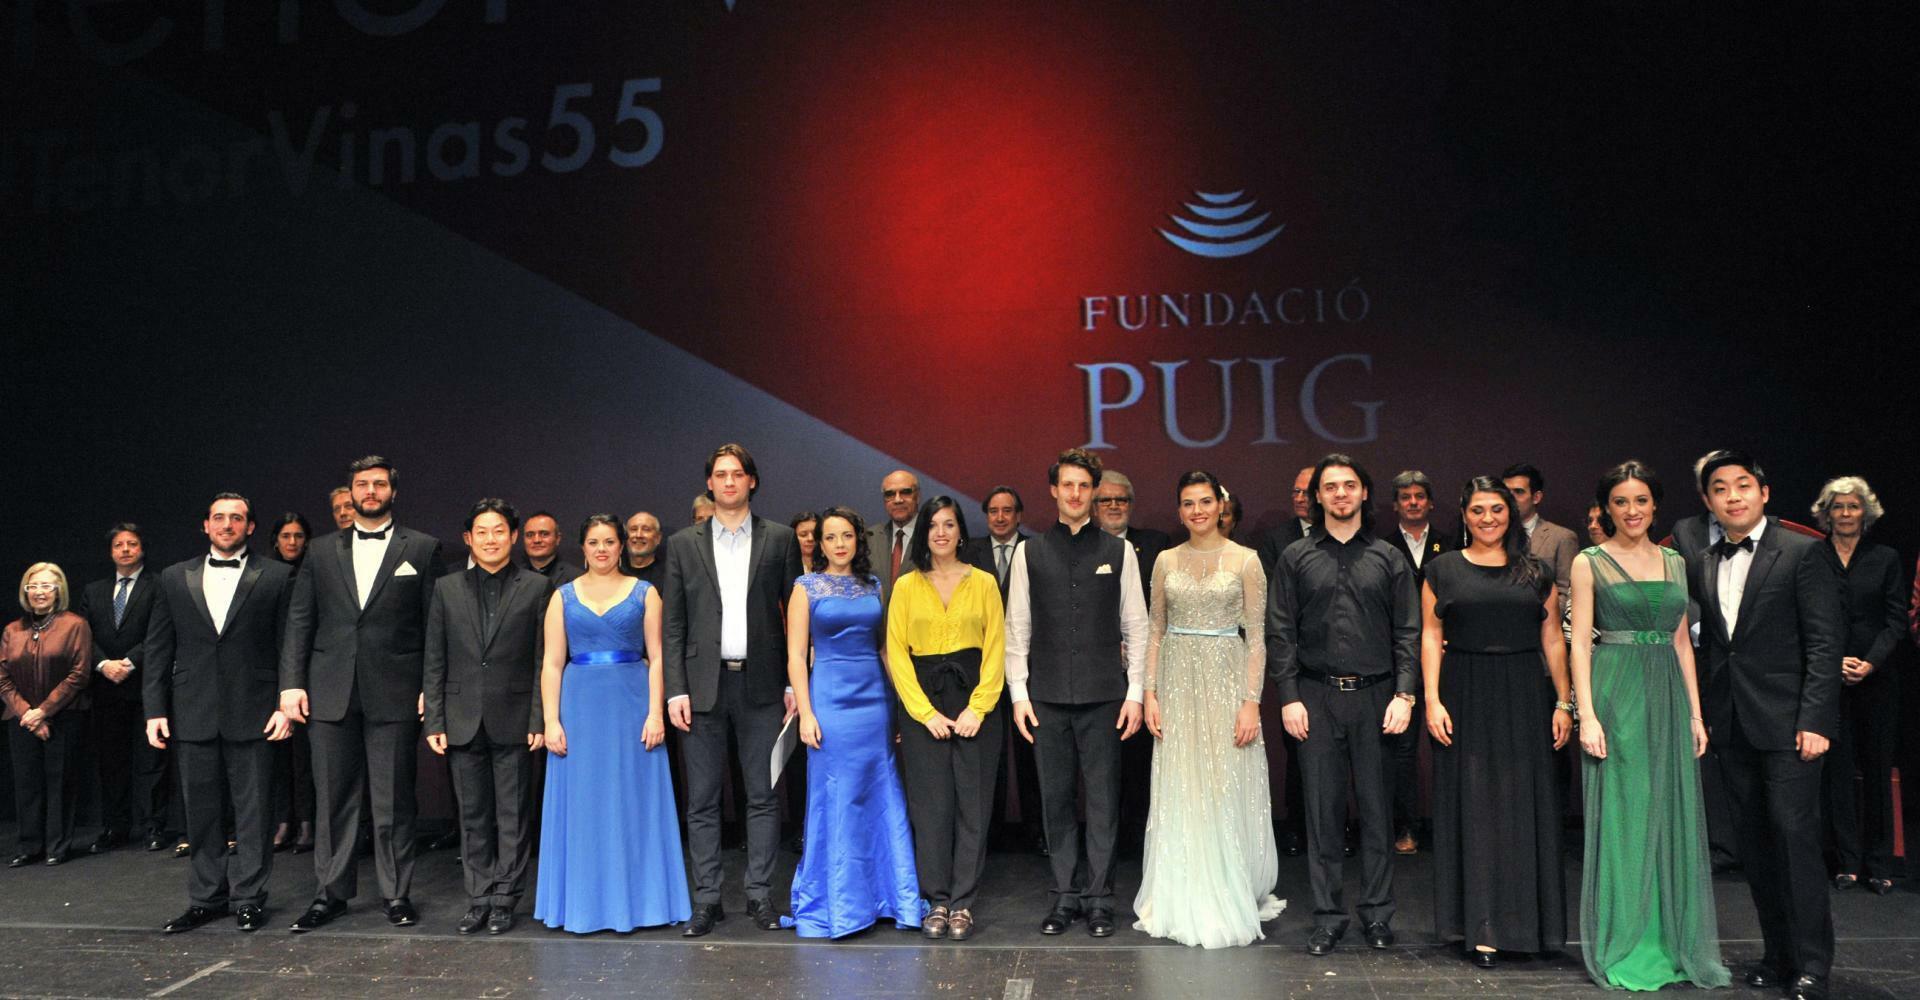 Concurs Viñas Concert Final